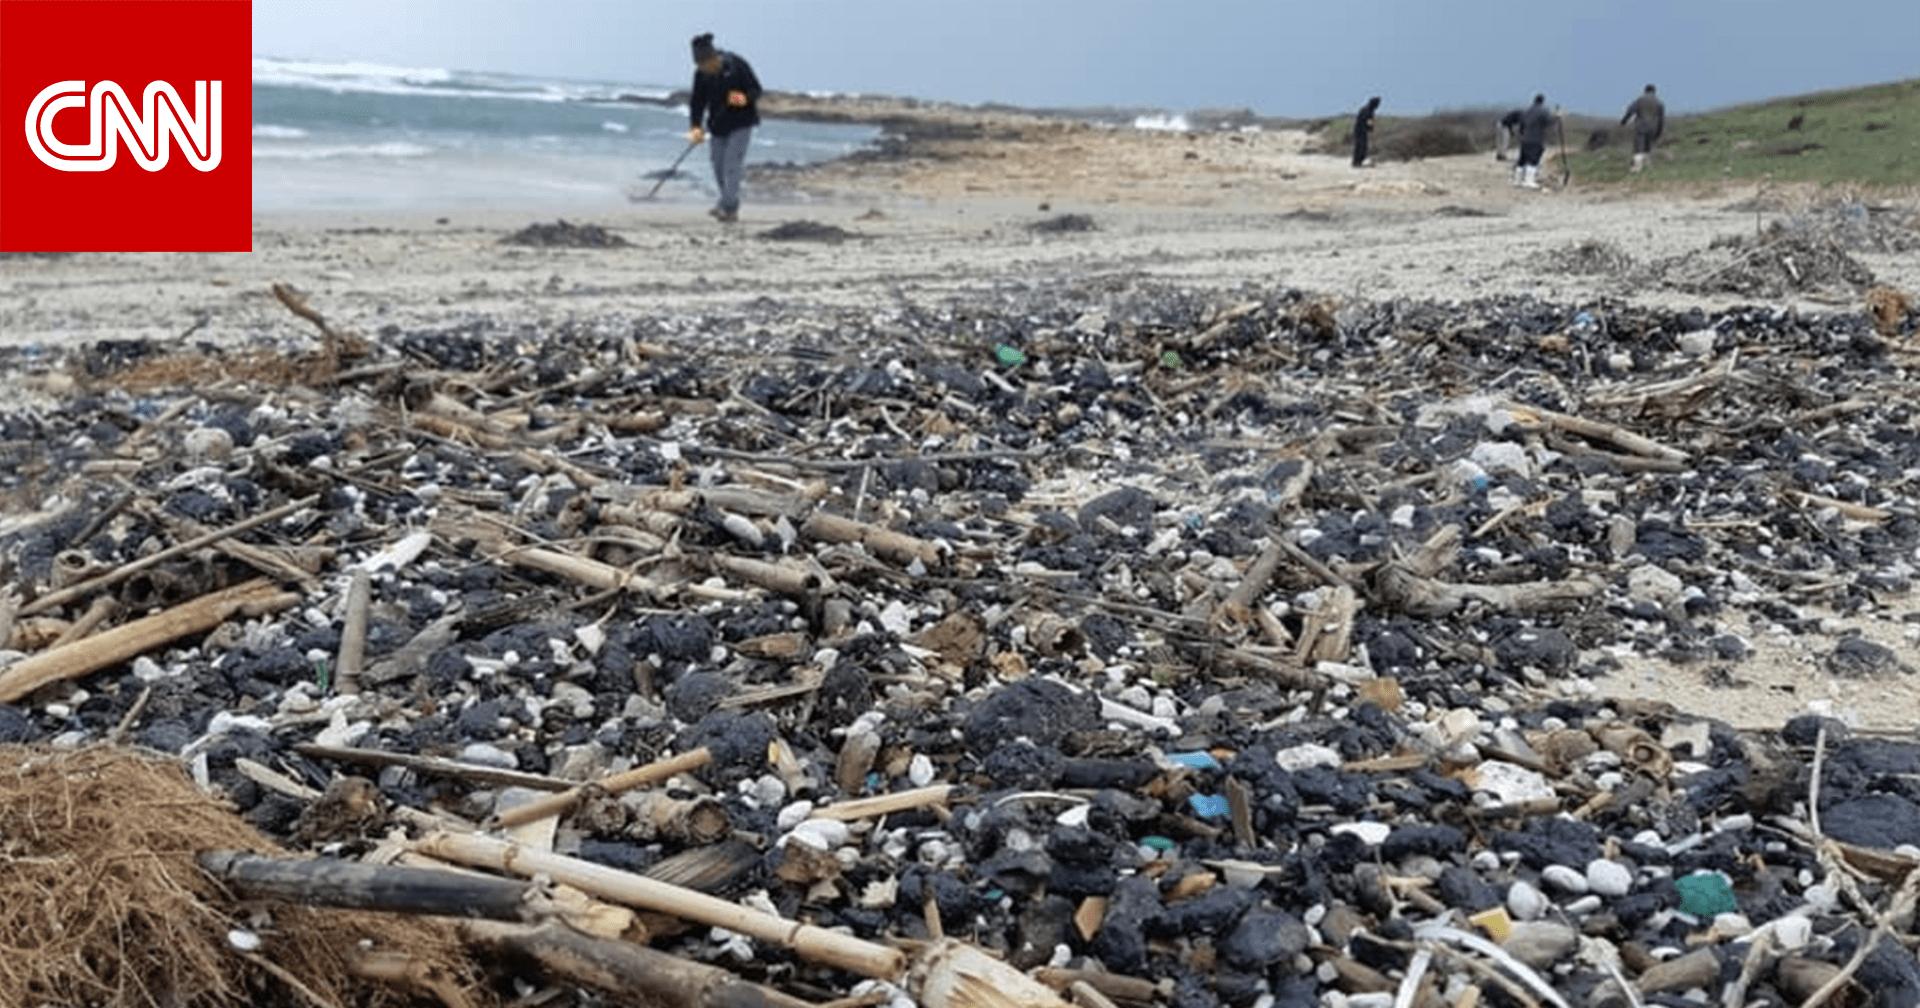 """""""إحدى أخطر الكوارث البيئية"""" في تاريخها.. إسرائيل تبحث عن مصدر تسرب نفطي ضرب 90% من شواطئها"""